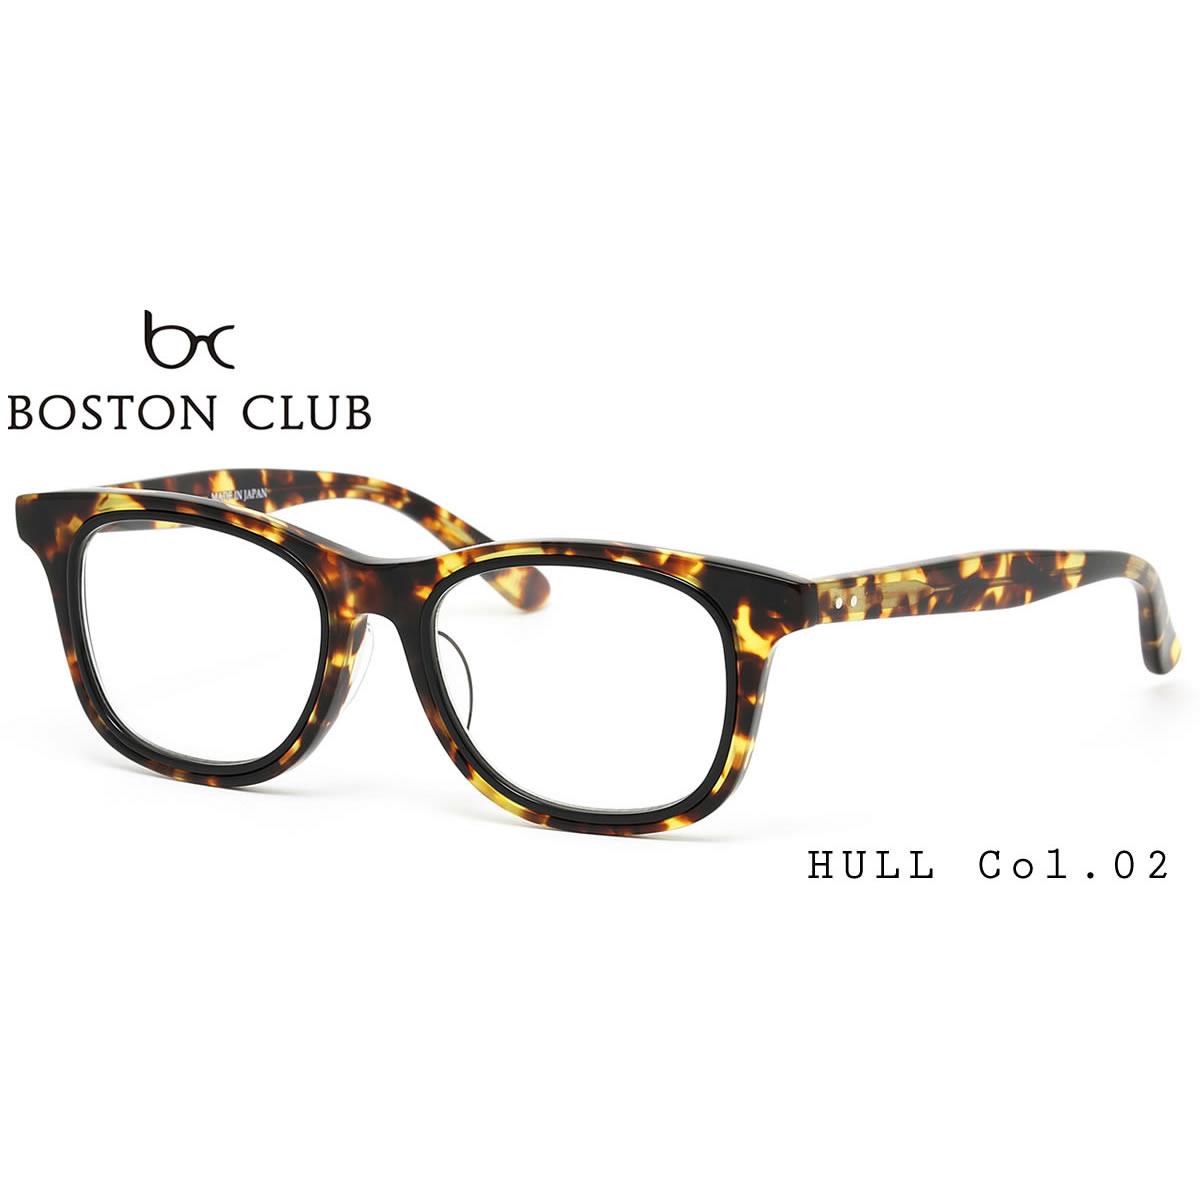 ほぼ全品ポイント15倍~最大34倍+2倍! 【14時までのご注文は即日発送】 HULL 02 50 ボストンクラブ(BOSTON CLUB)メガネ ダテメガネセット メンズ レディース【あす楽対応】